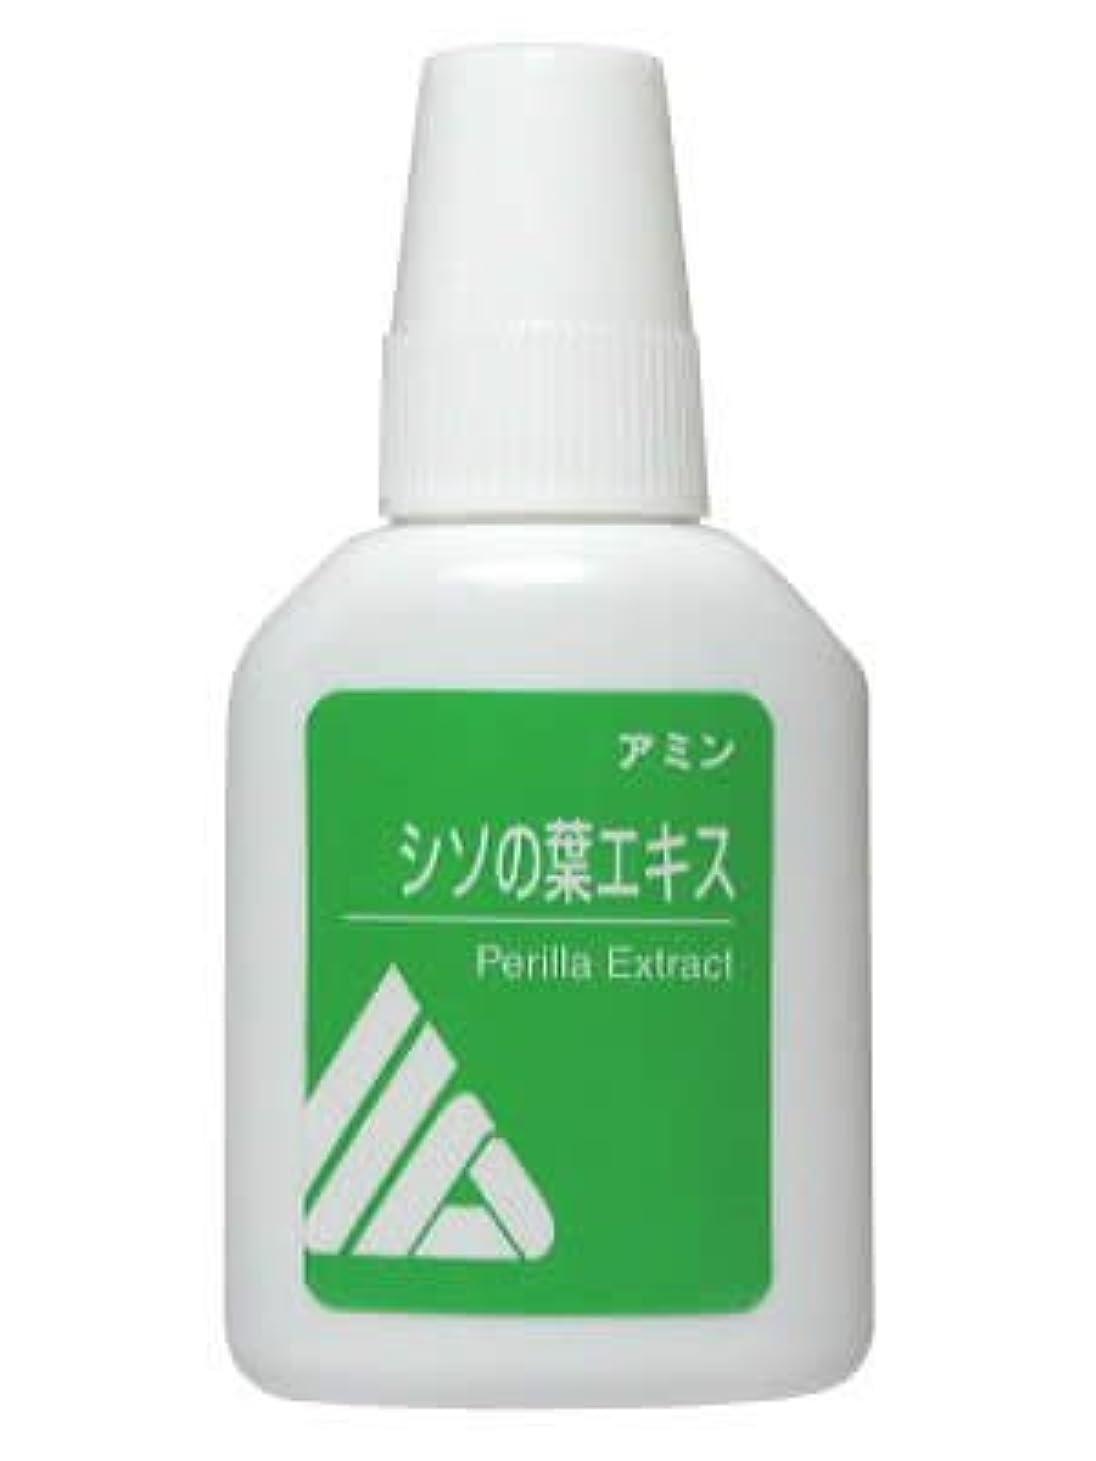 連続的立方体蒸し器シソの葉エキス アミン 20ml